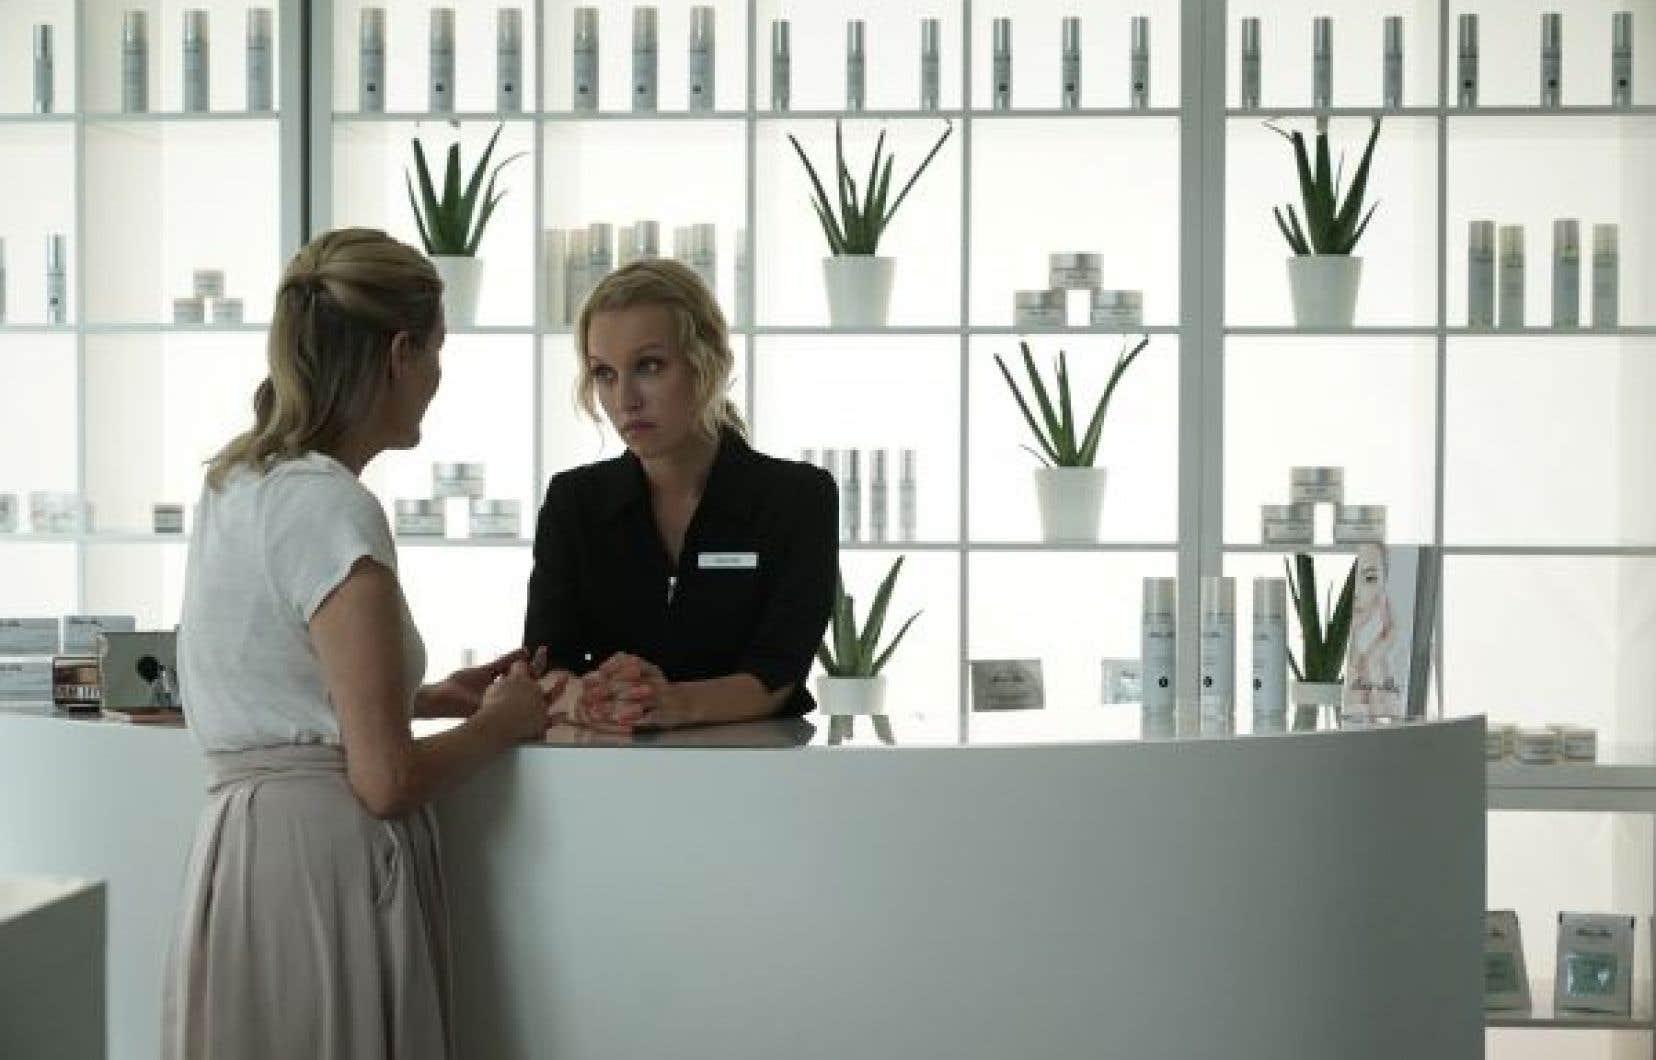 Rose-Marie Perreault incarne Gabrielle, qui est escorte, un métier qui lui empoisonne le corps et l'esprit.